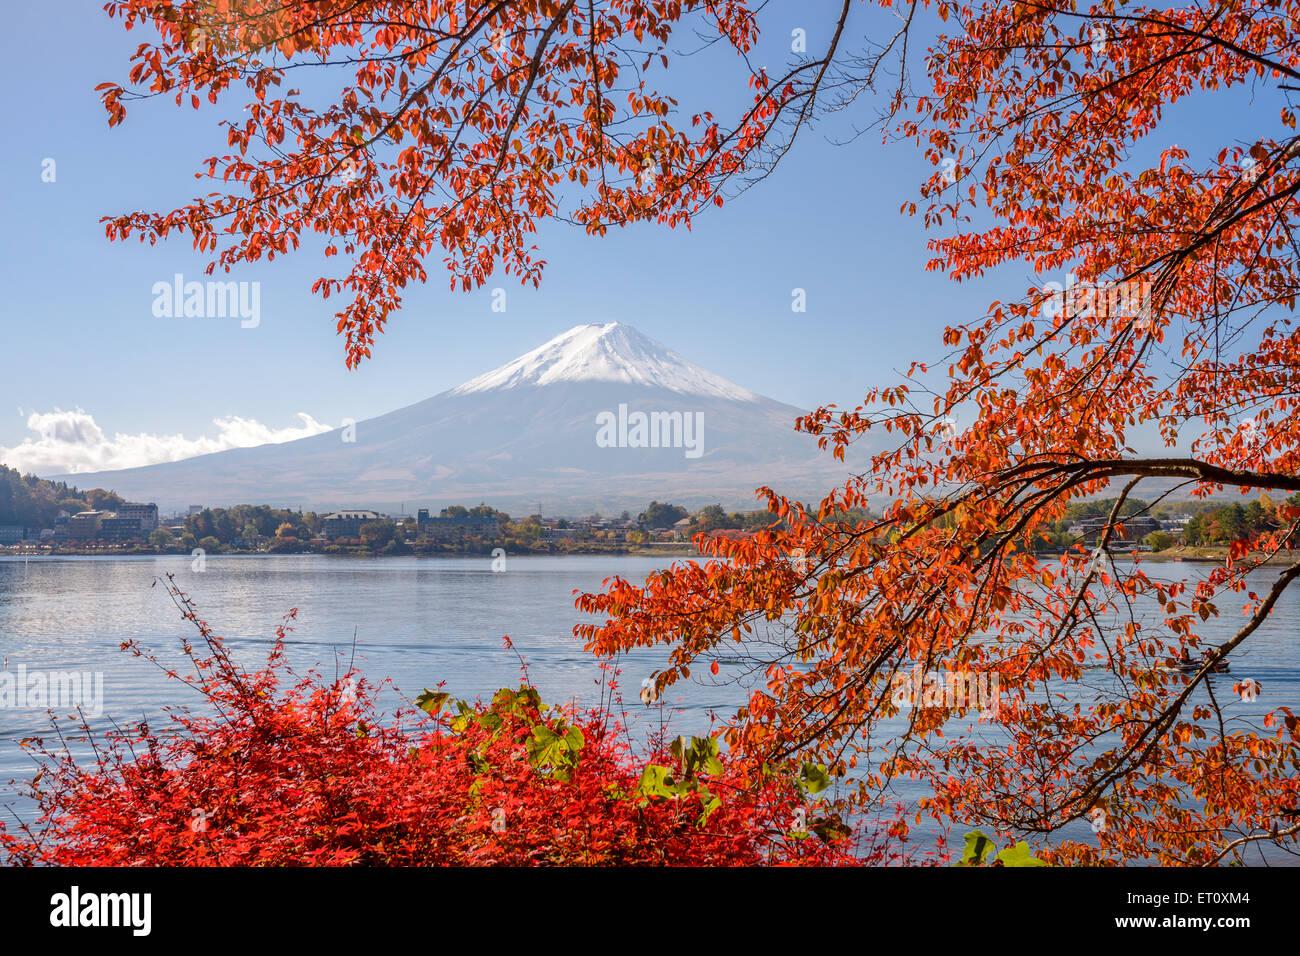 Mt. Fuji, Japan am Kawaguchi-See während der Herbstsaison. Stockbild